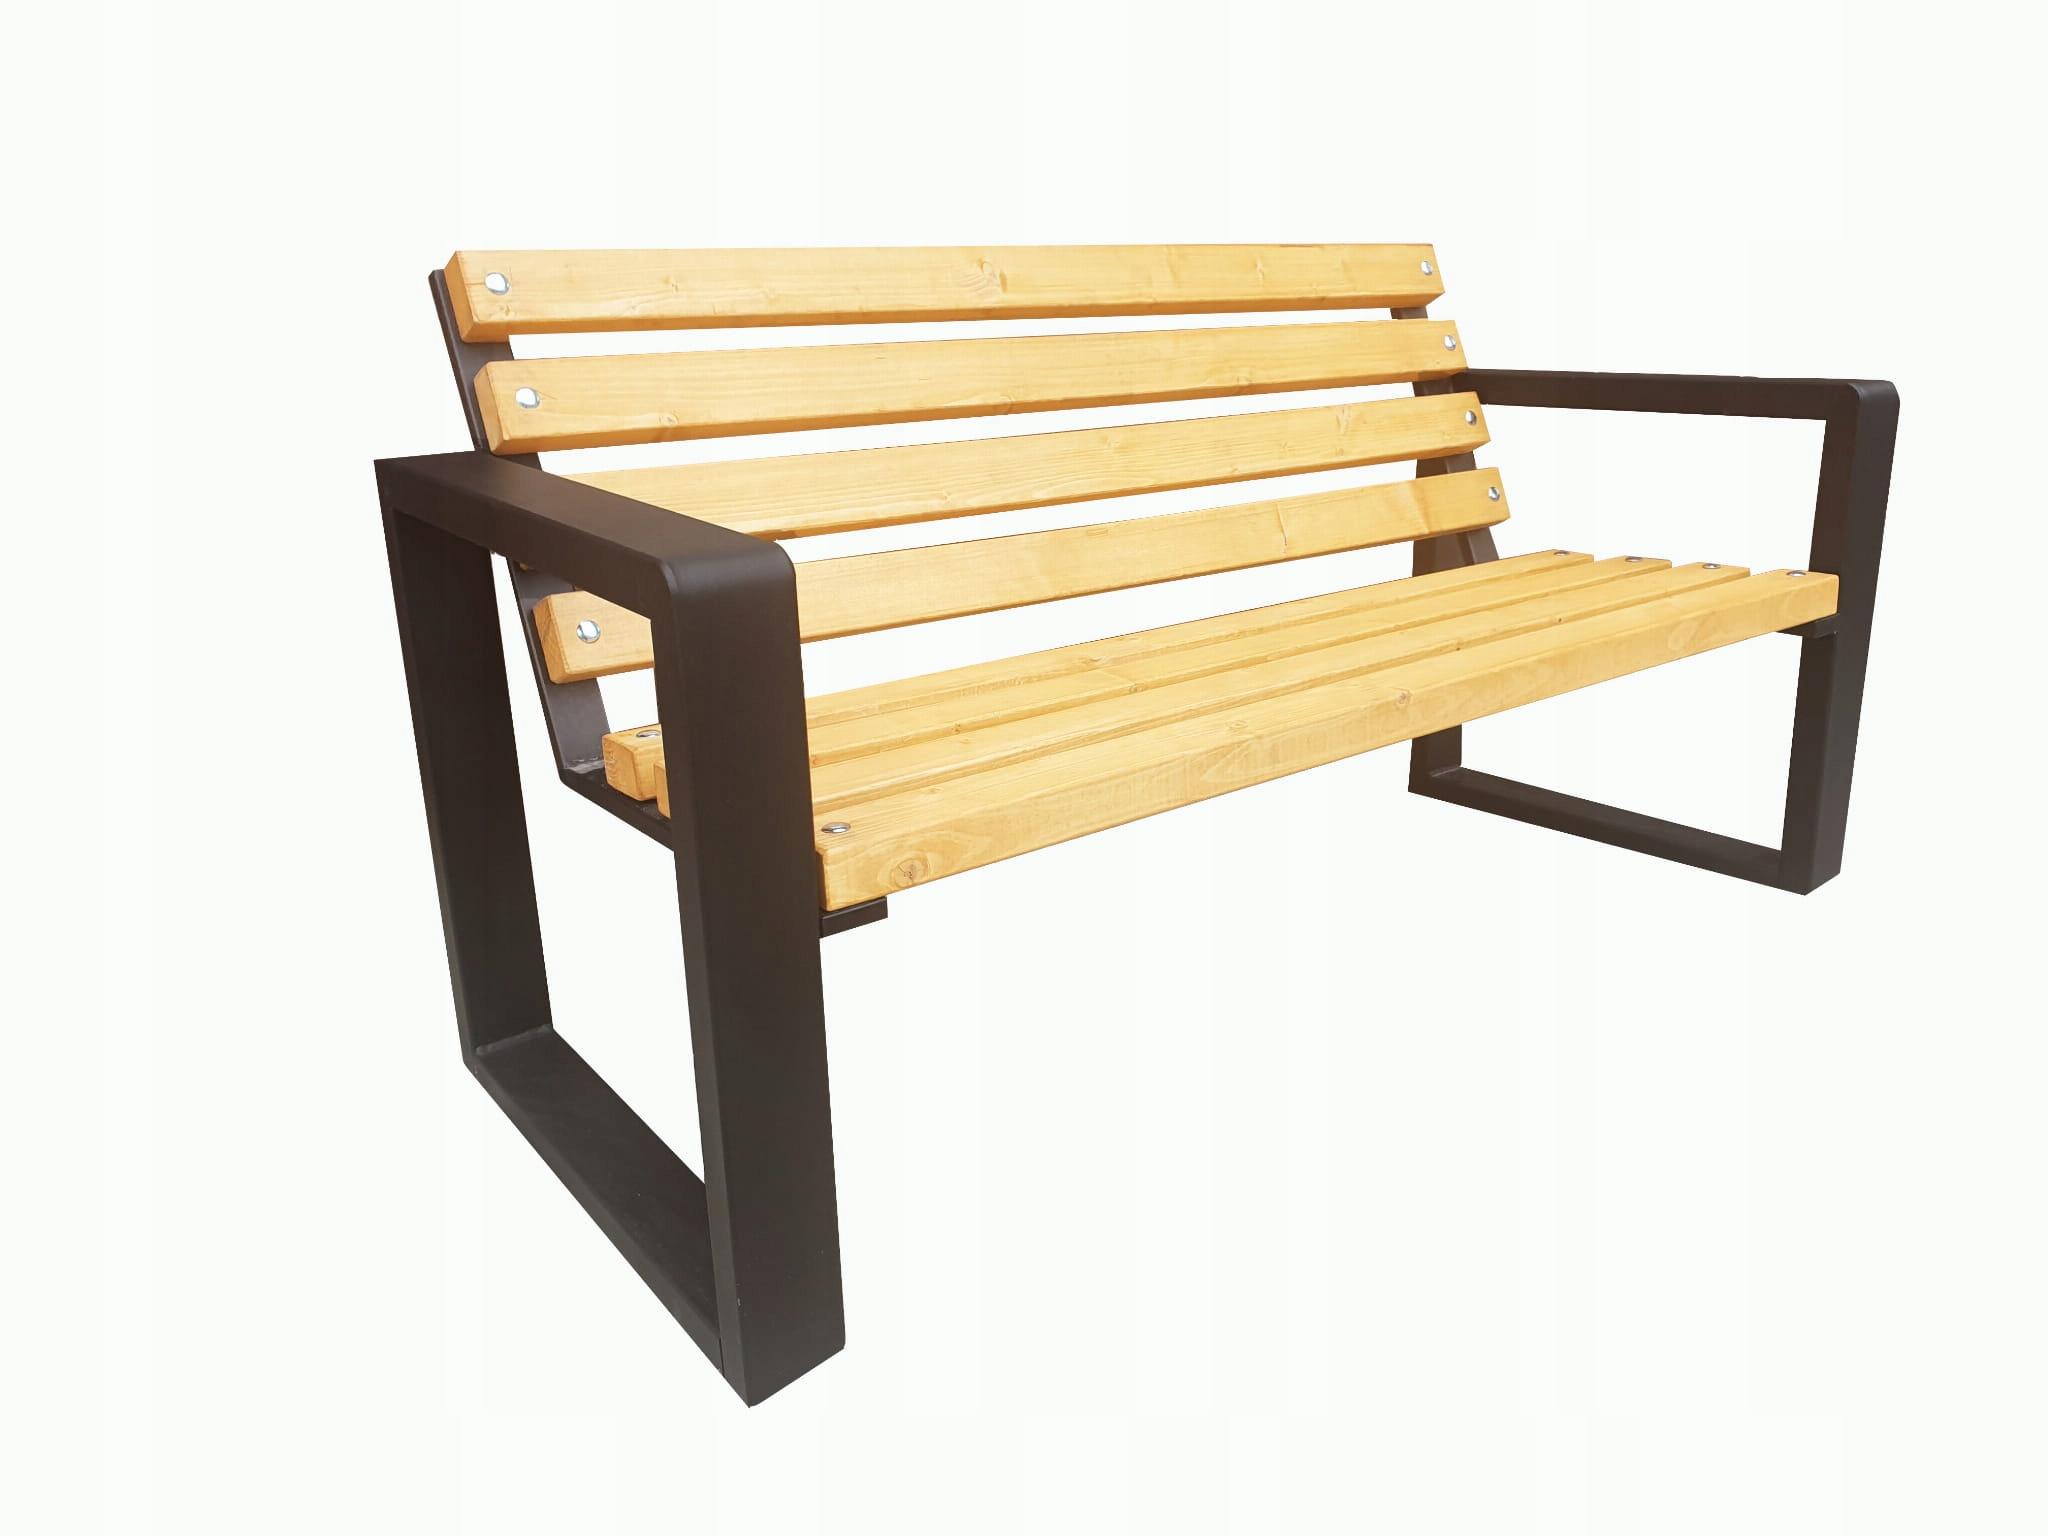 Mestská lavica 180 cm.Dĺžka (dlhšia strana) 180 cm